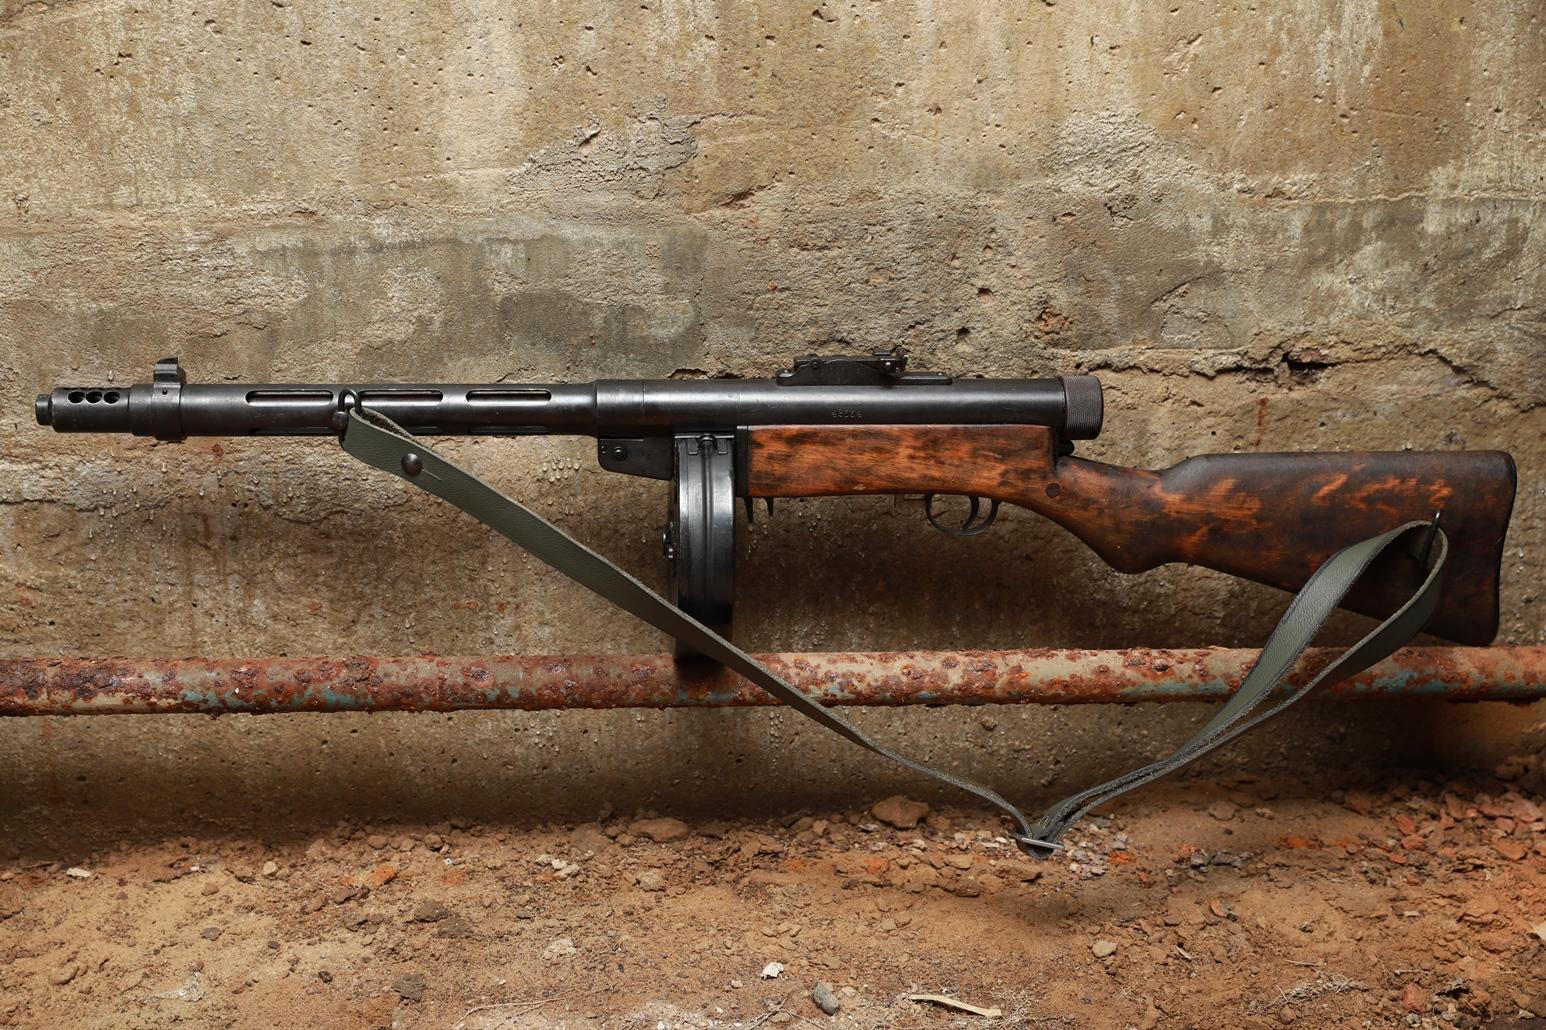 Пистолет-пулемет Suomi-konepistooli M/31 #42634